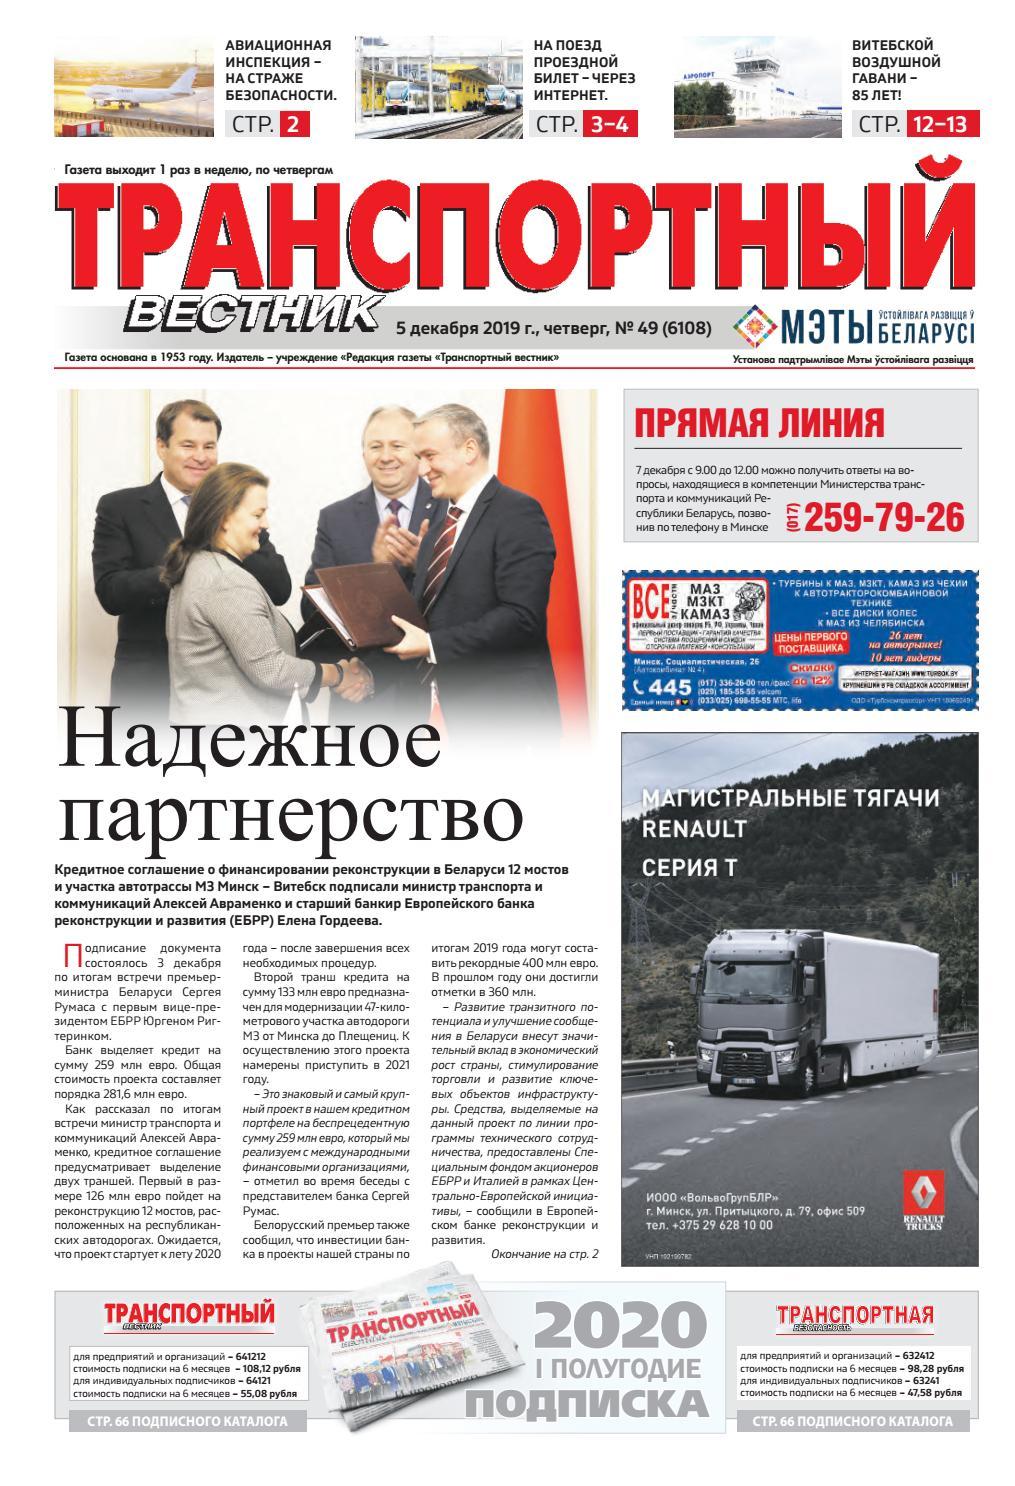 Где взять кредит с плохой кредитной историей в беларуси витебске